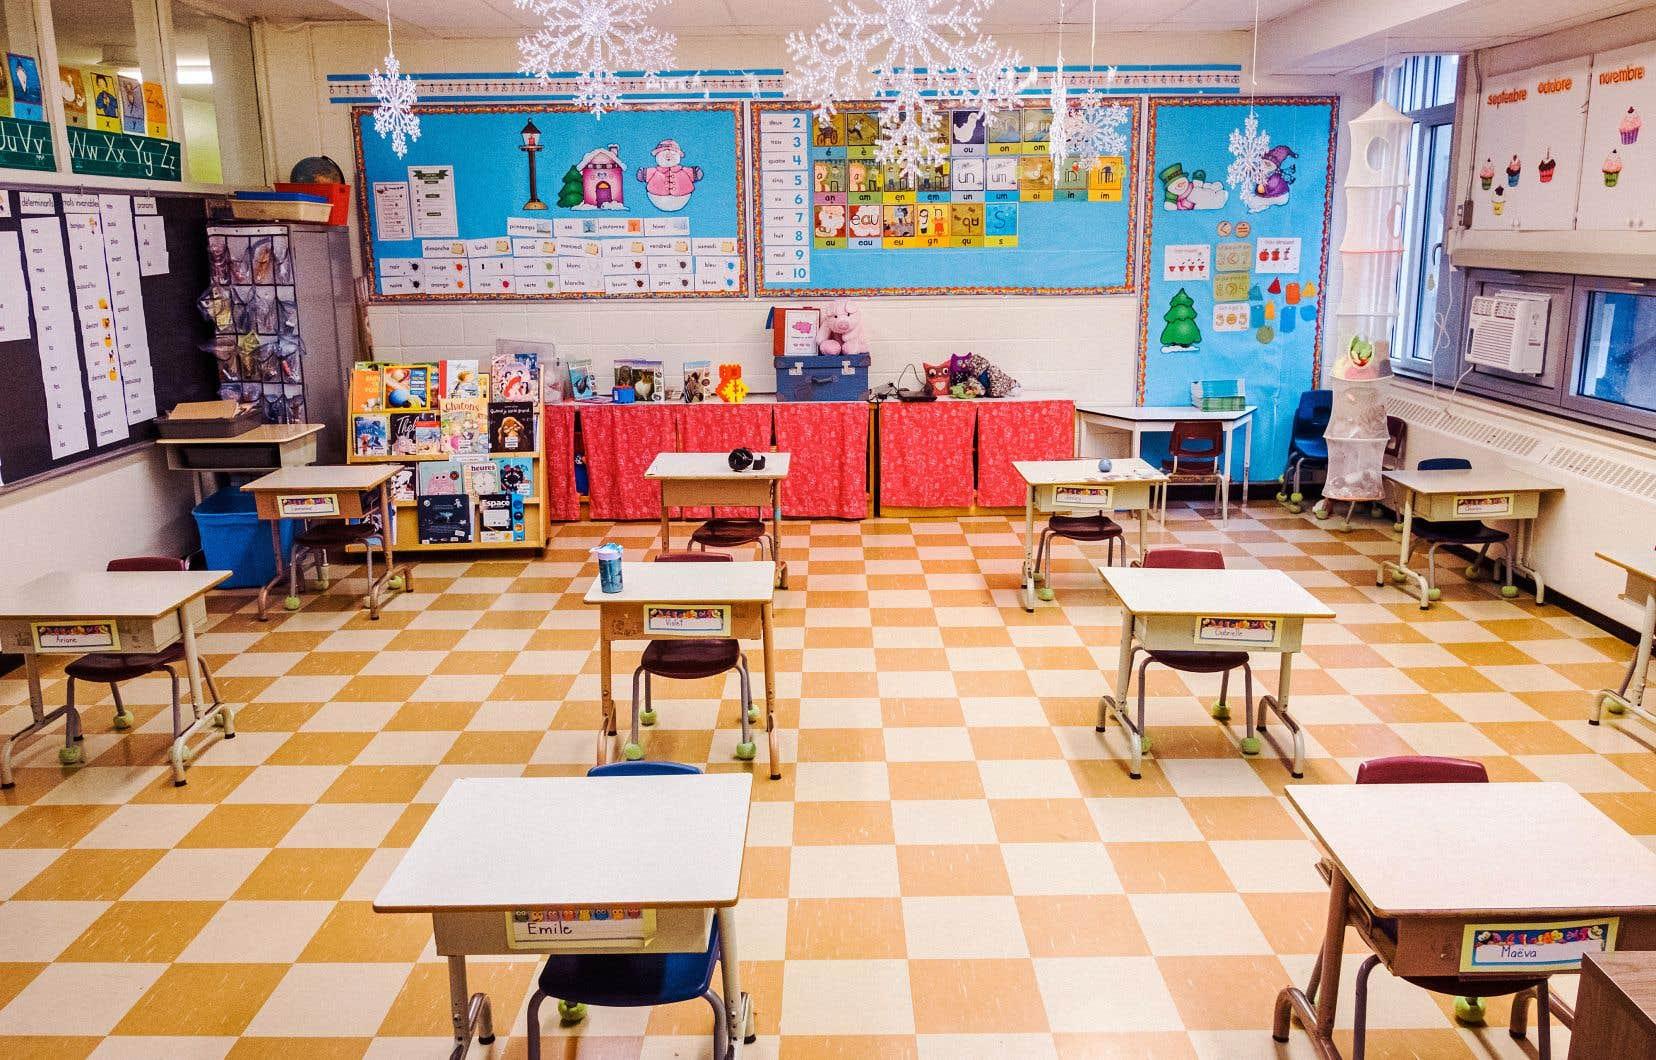 Avec l'enseignement en classe et à distance, les enseignants sont débordés, selon le sondage réalisé par la FAE.